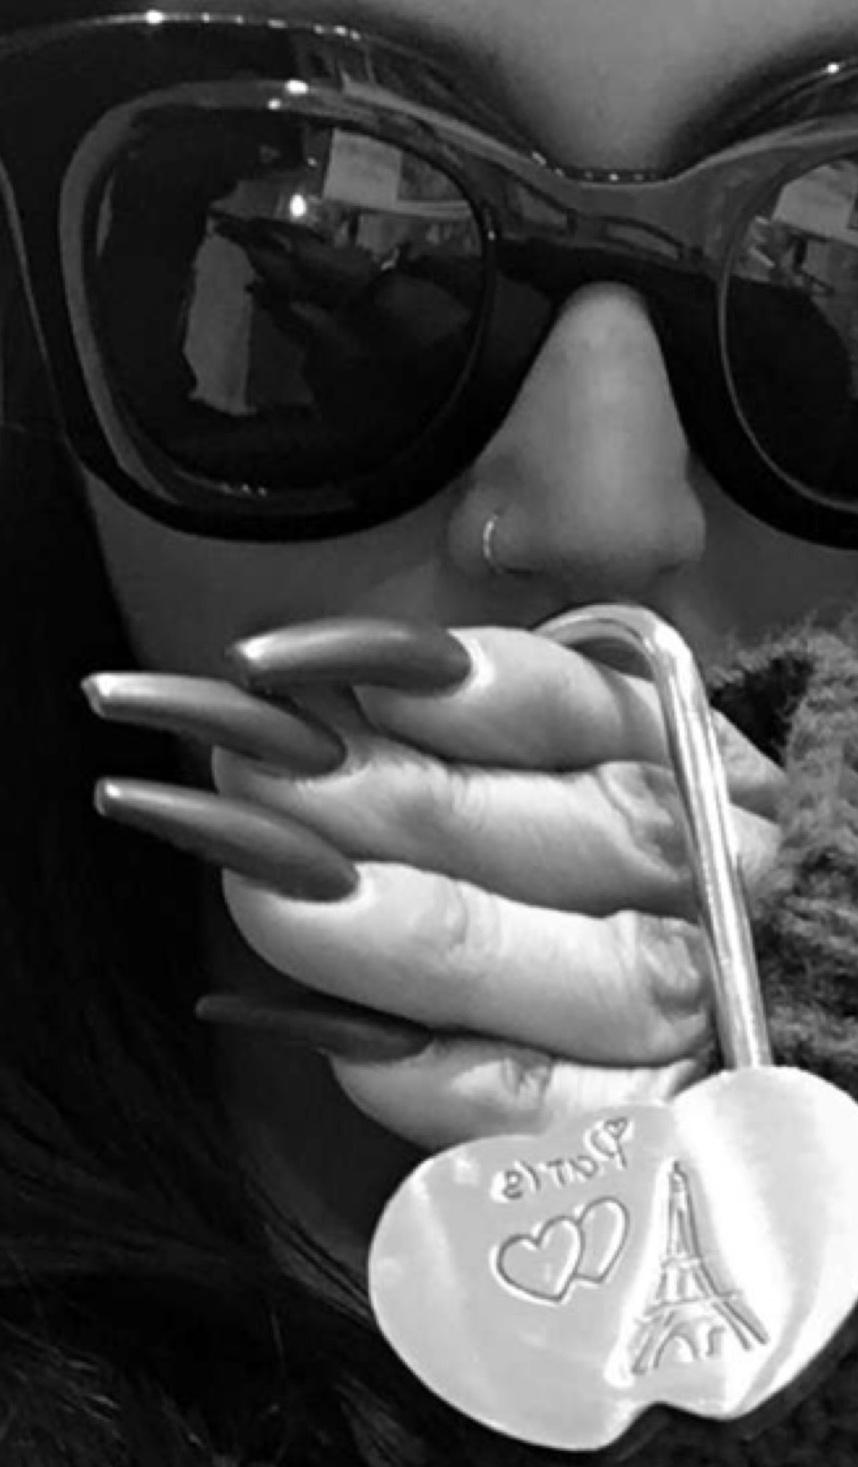 scheana marie thick fingernails